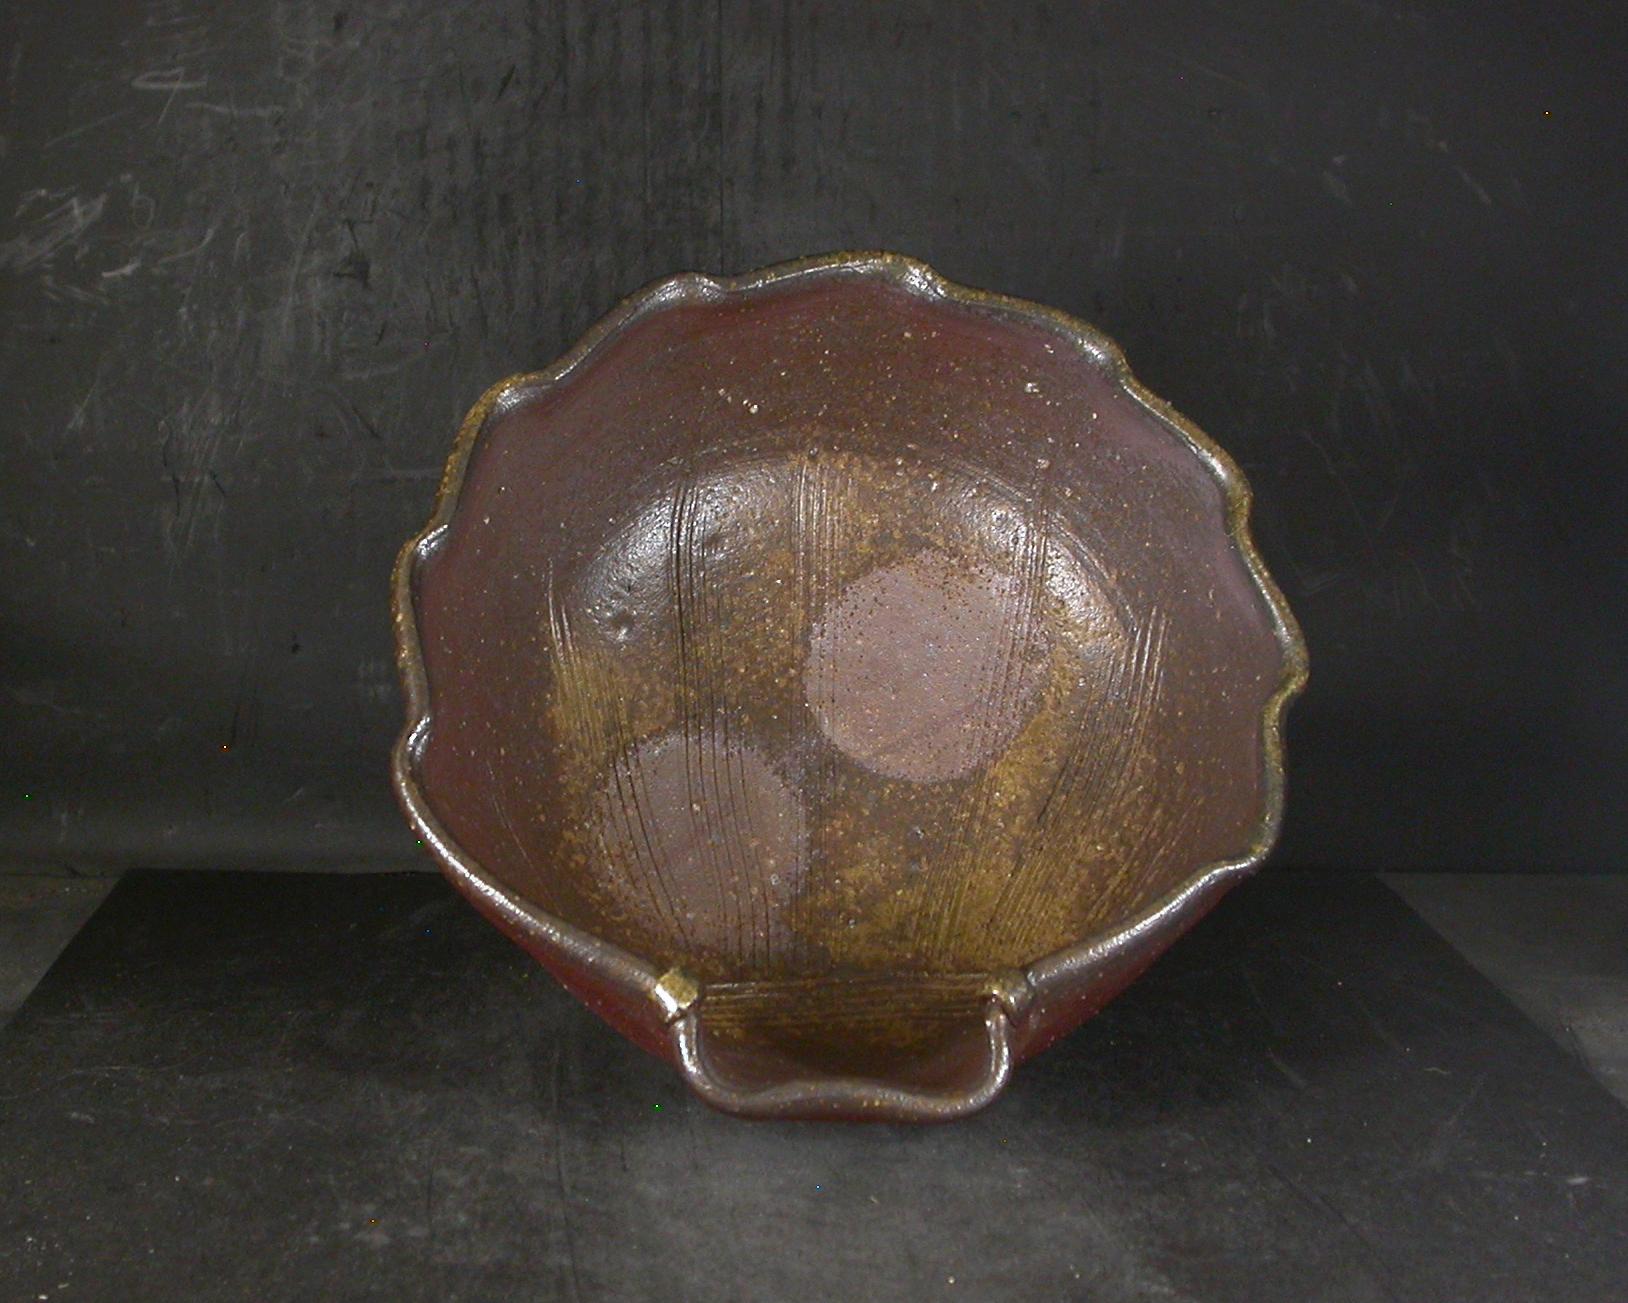 備前焼 登窯 備前焼女流作家 高見 勝代 22センチ共箱付き黄ゴマ貝の鉢1